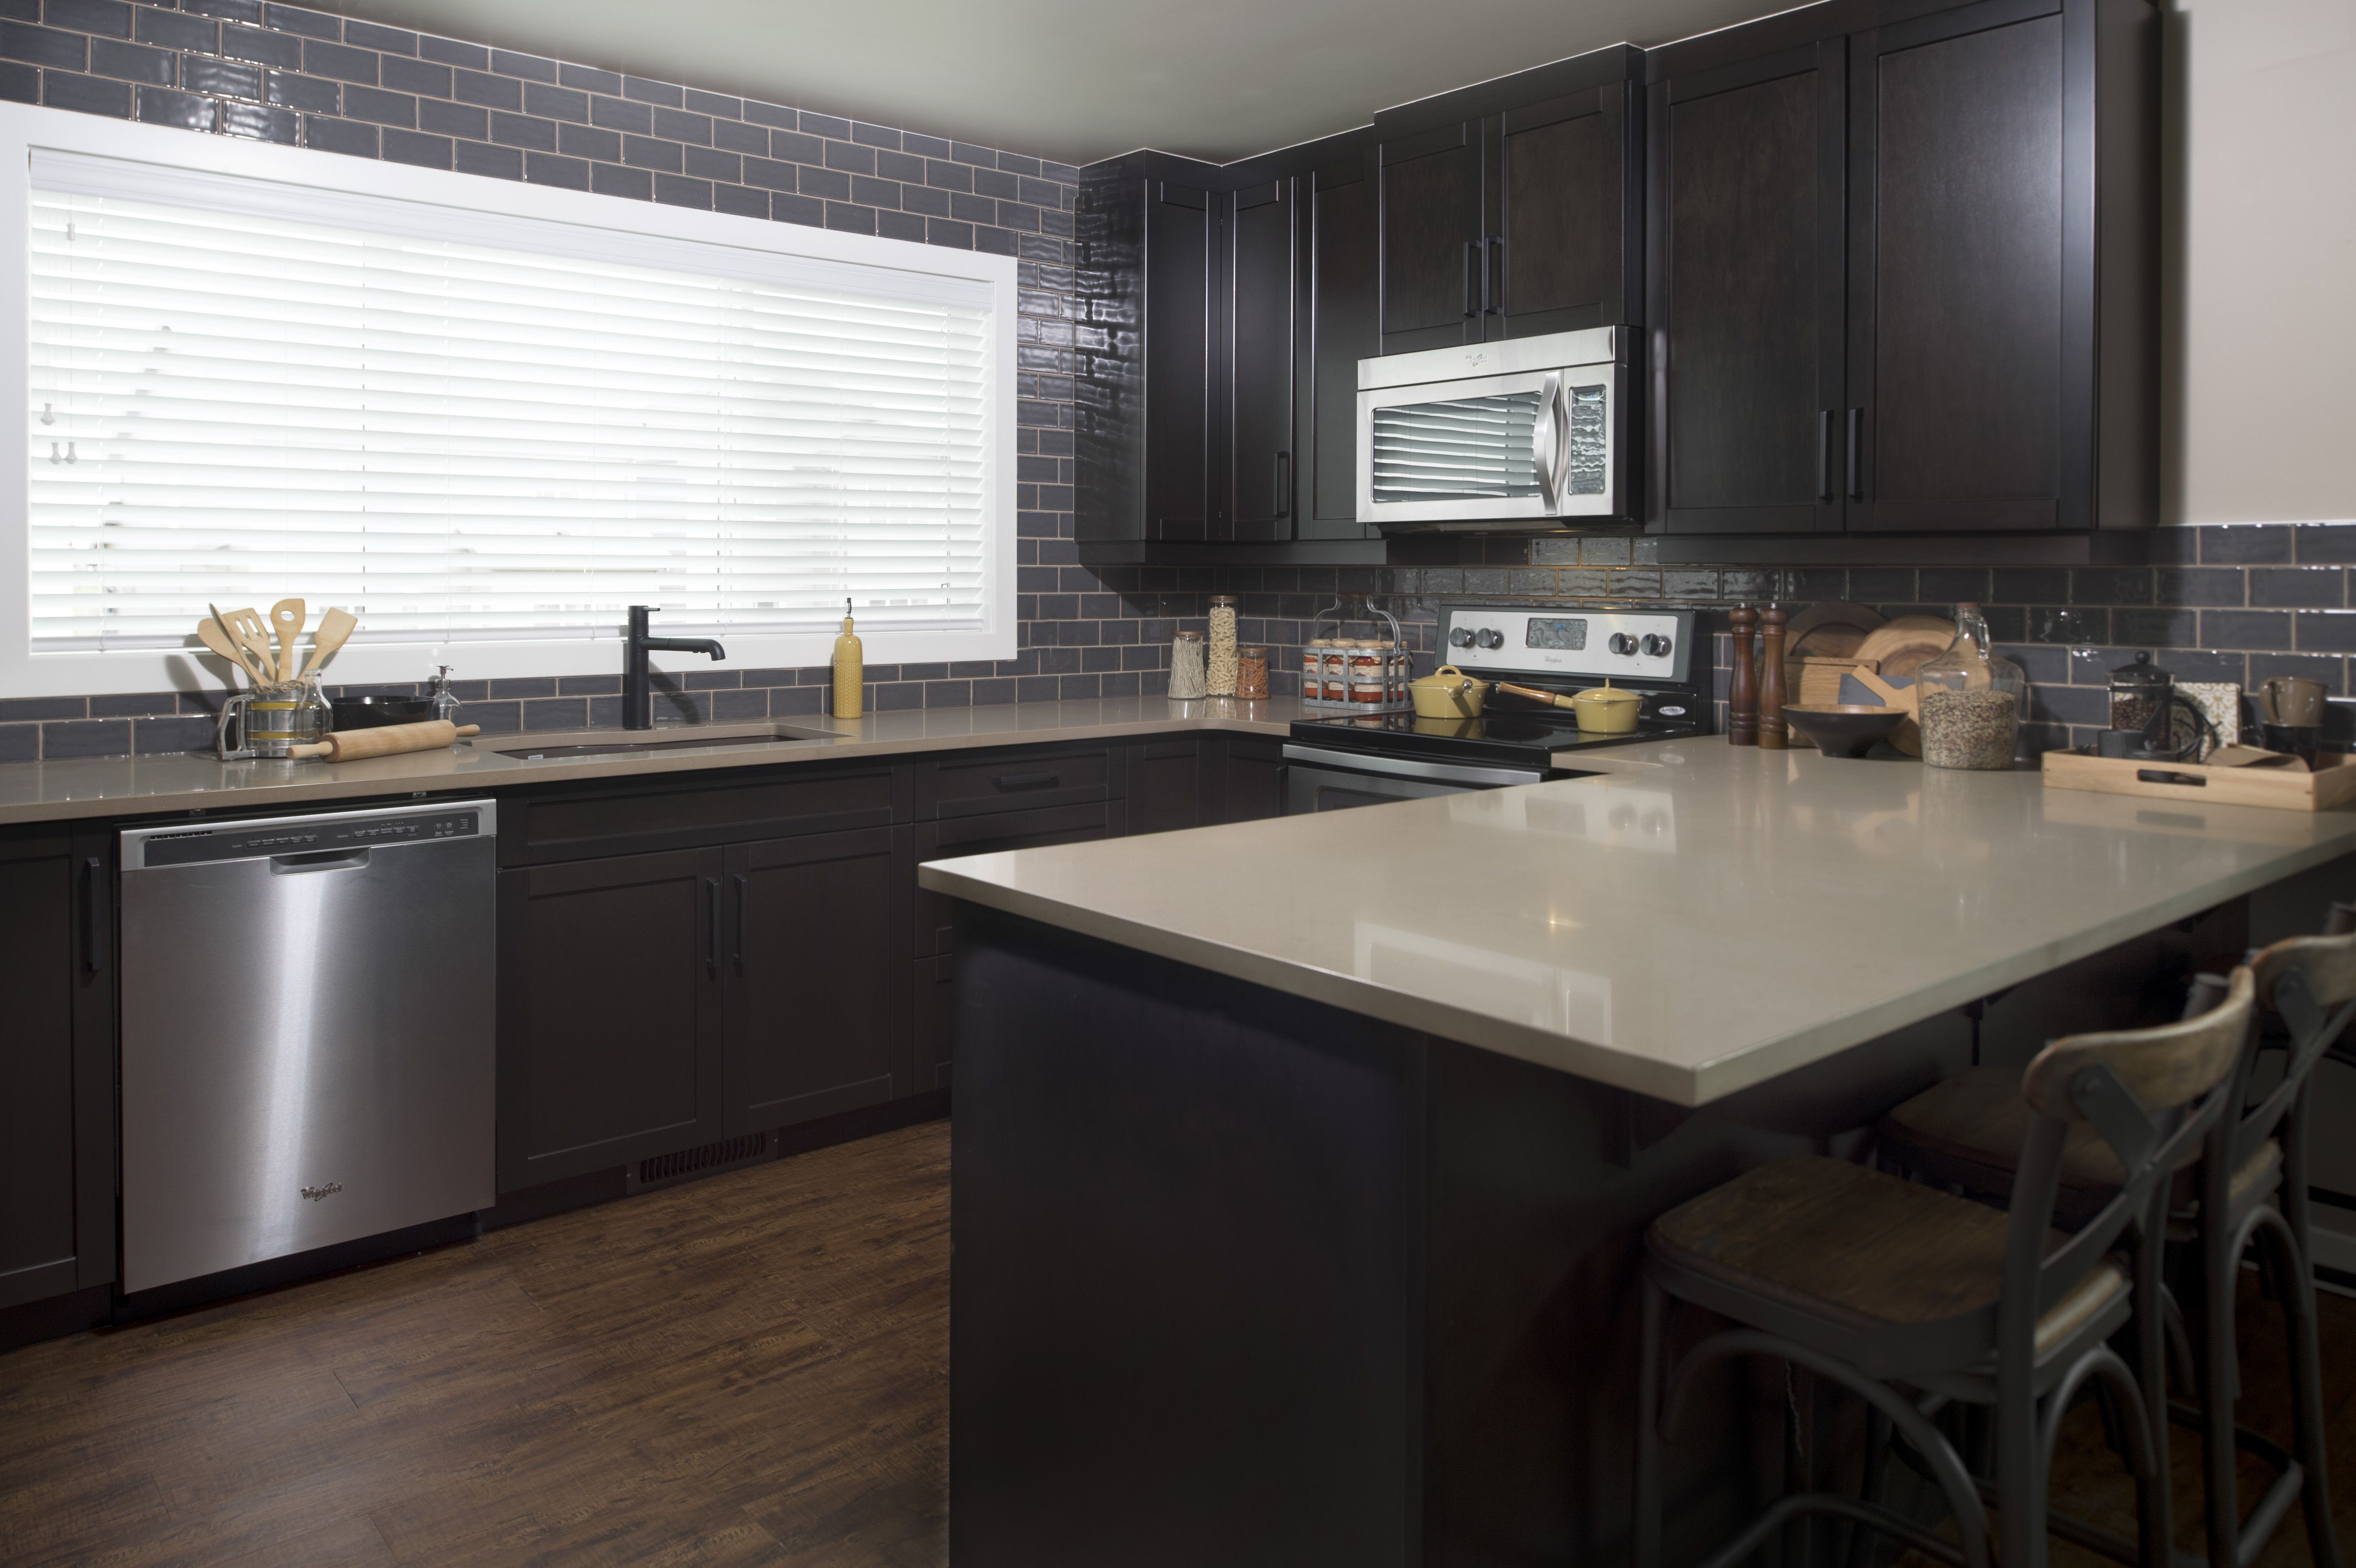 Dark kitchen with beautiful backsplash. kitchen